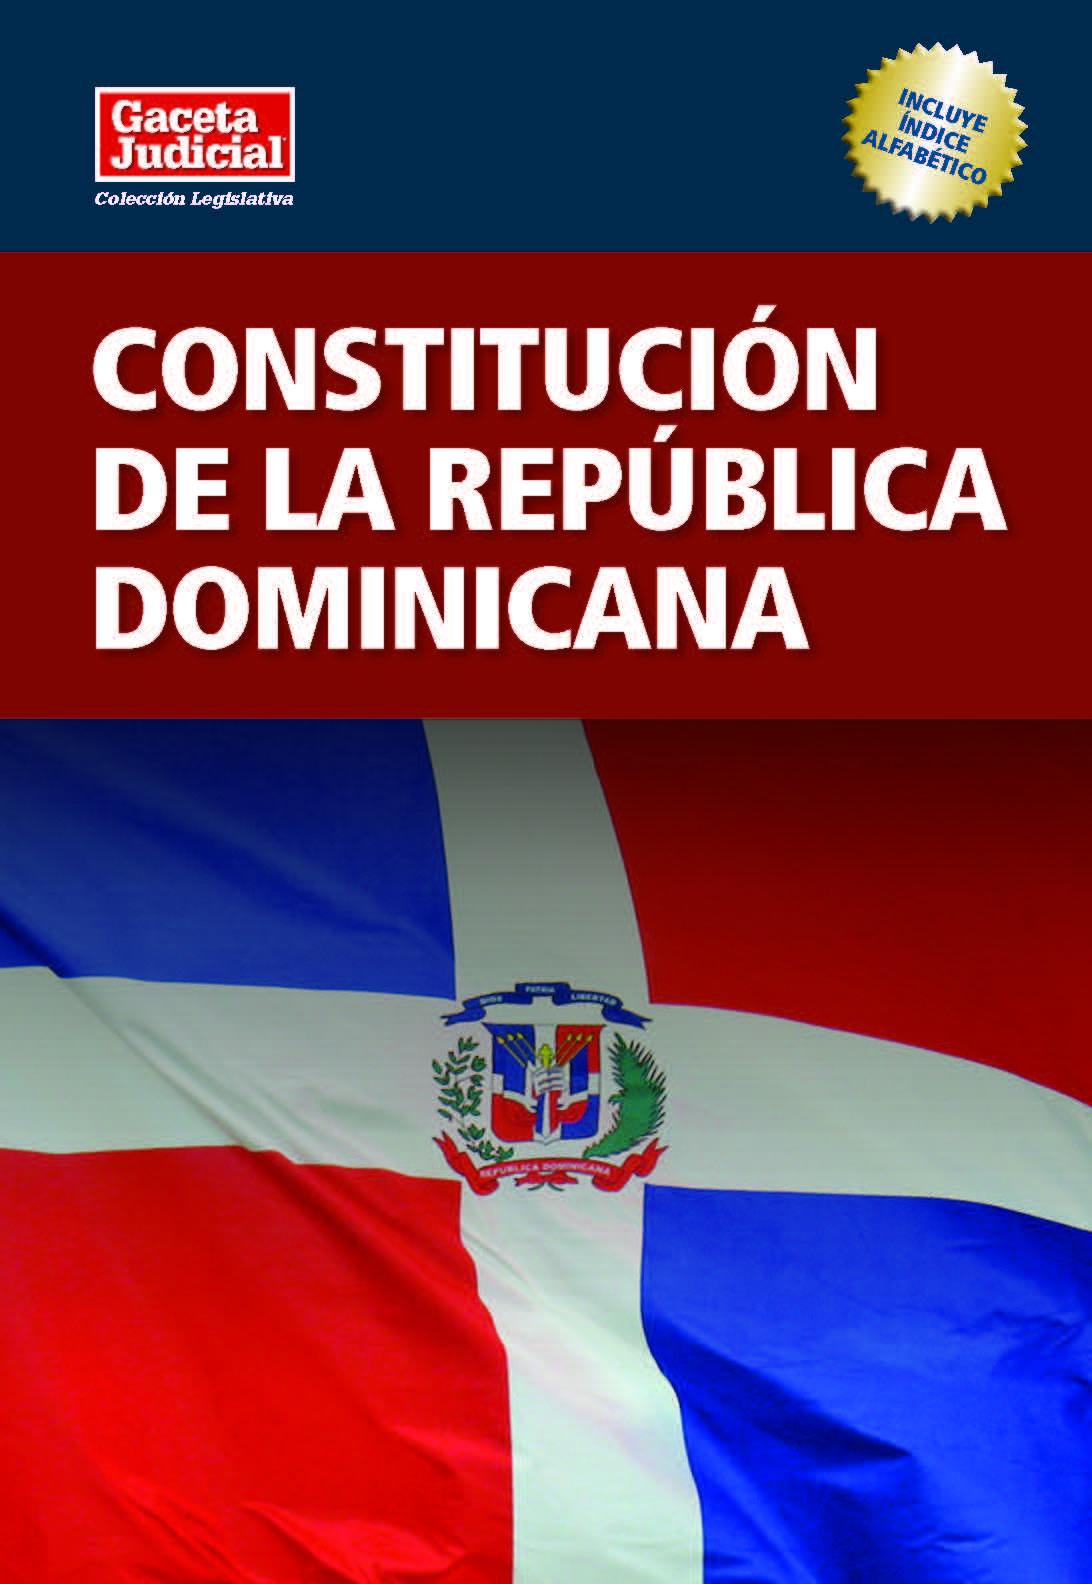 Constitución De La República Dominicana Wikipedia La